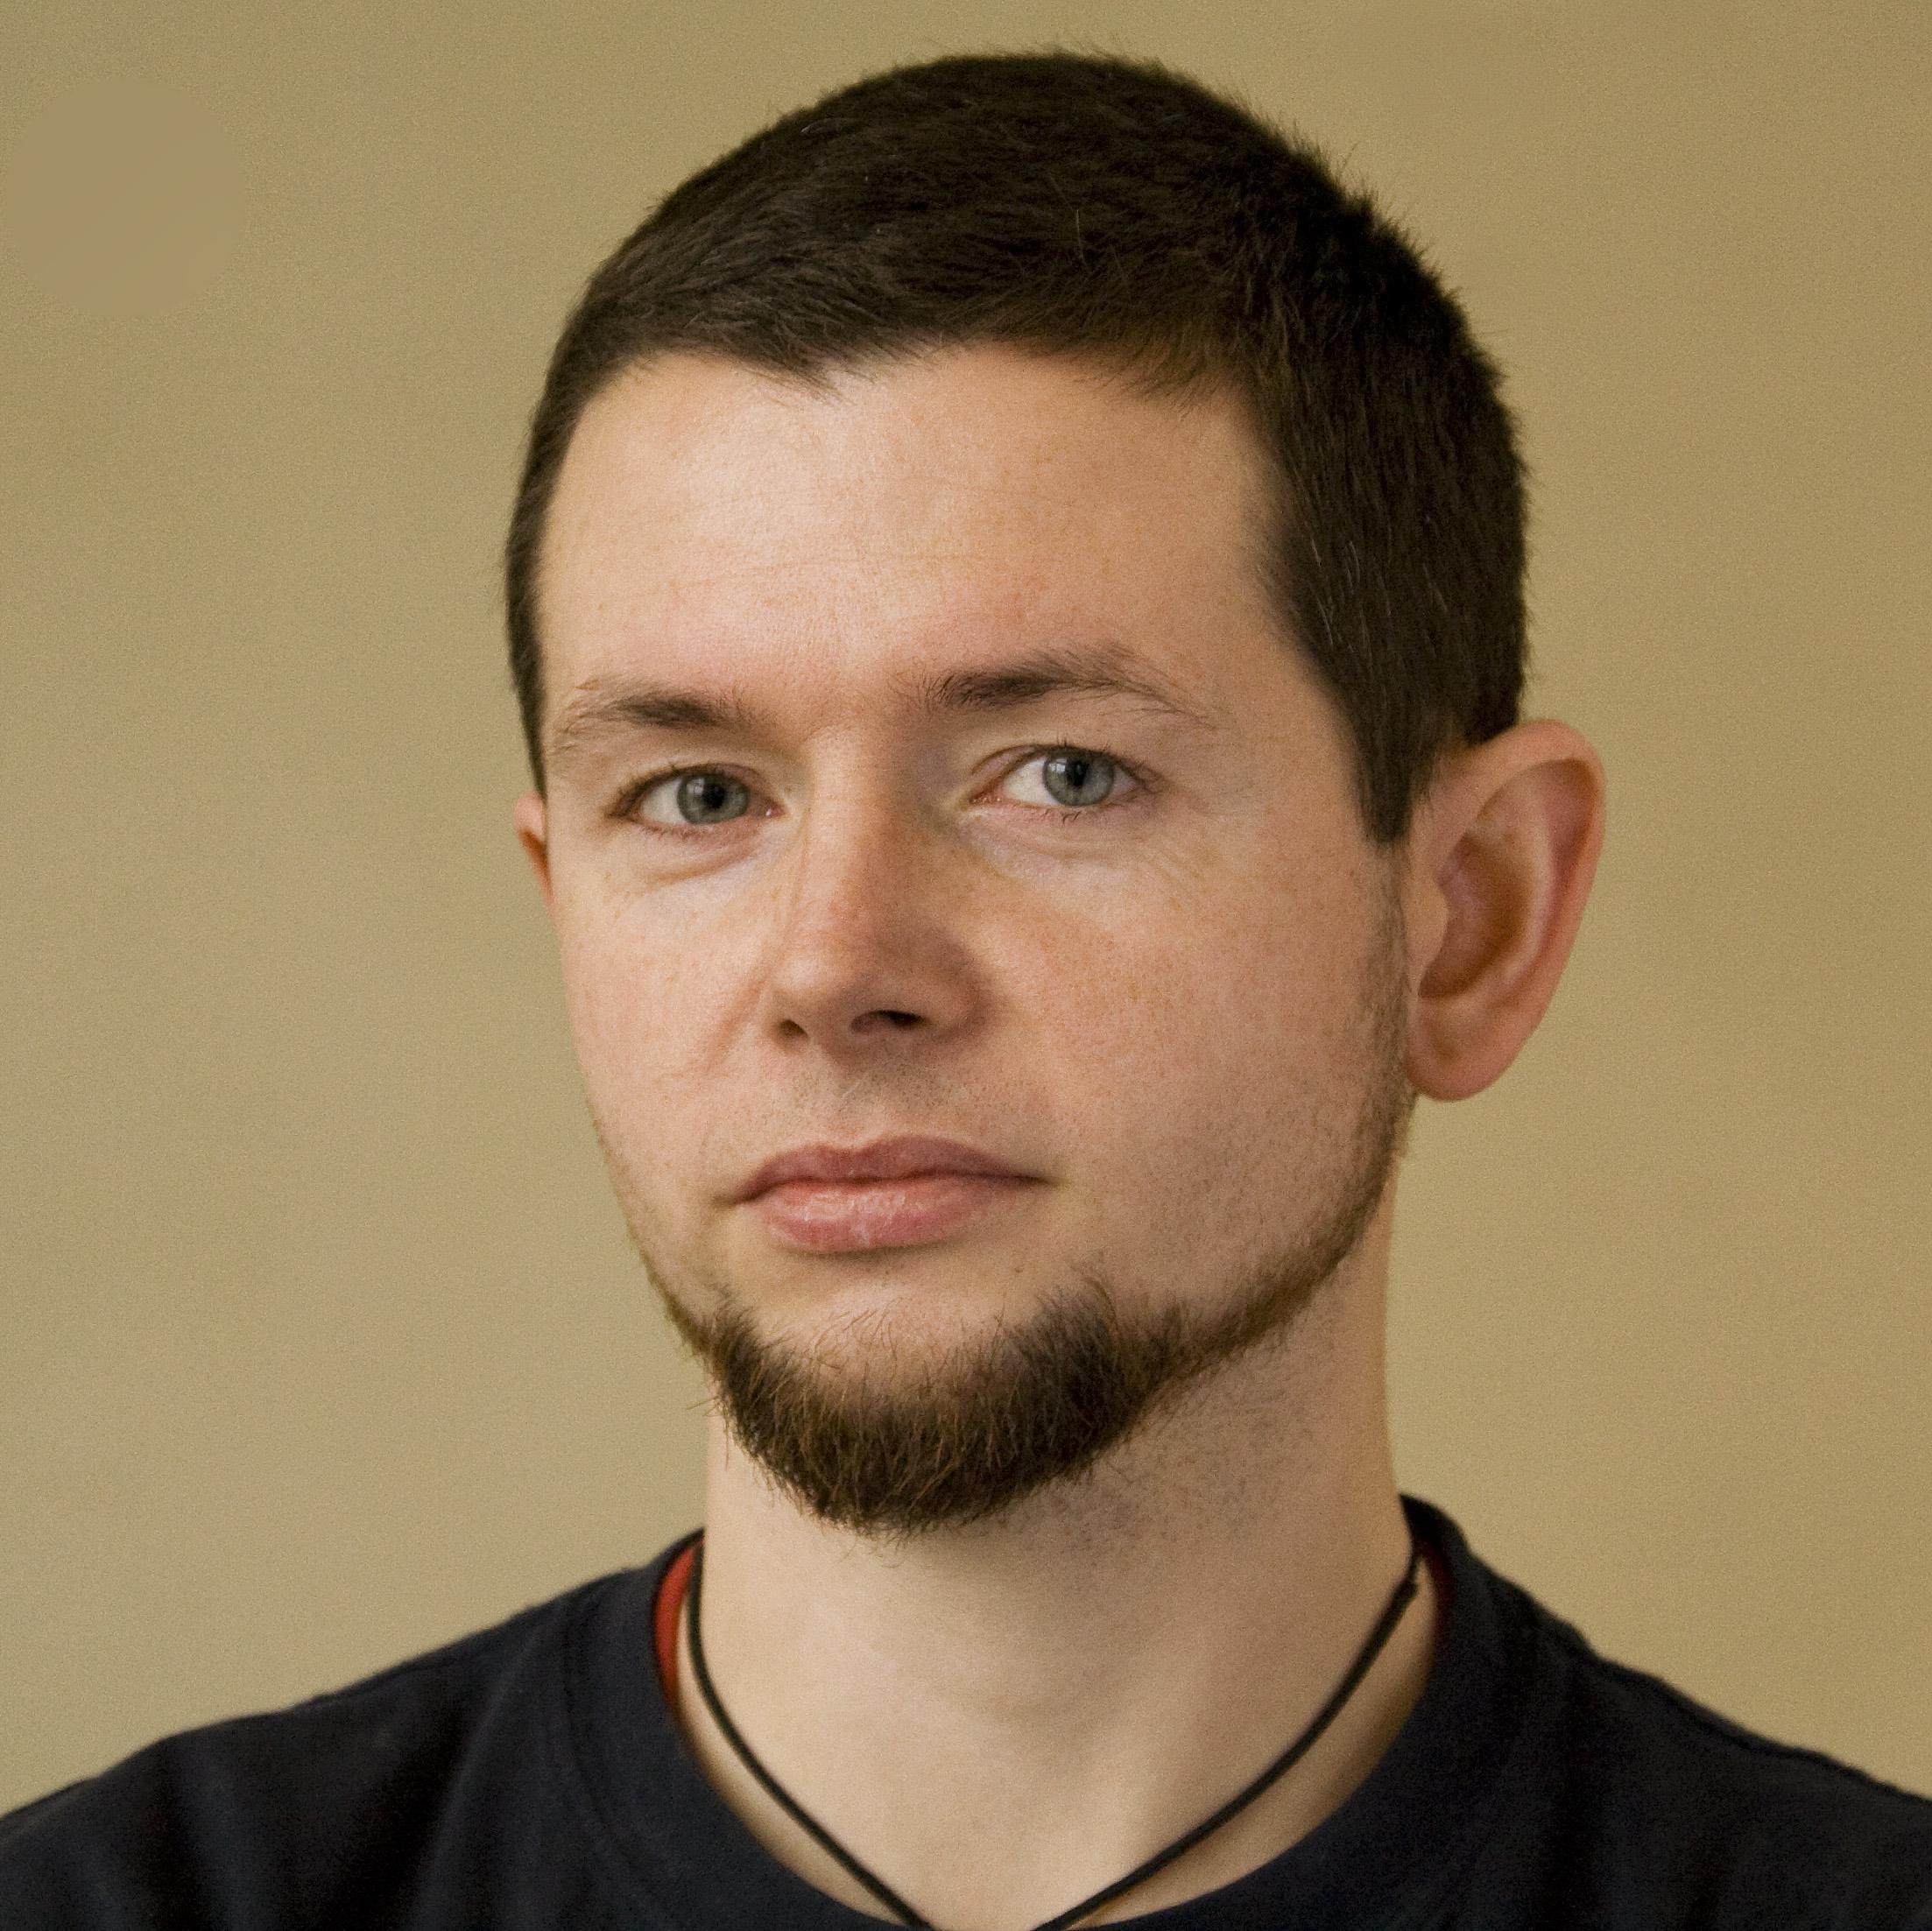 Wywiad Netkultury: Krzysztof Turlewicz – Rzeczywistość odrealniona